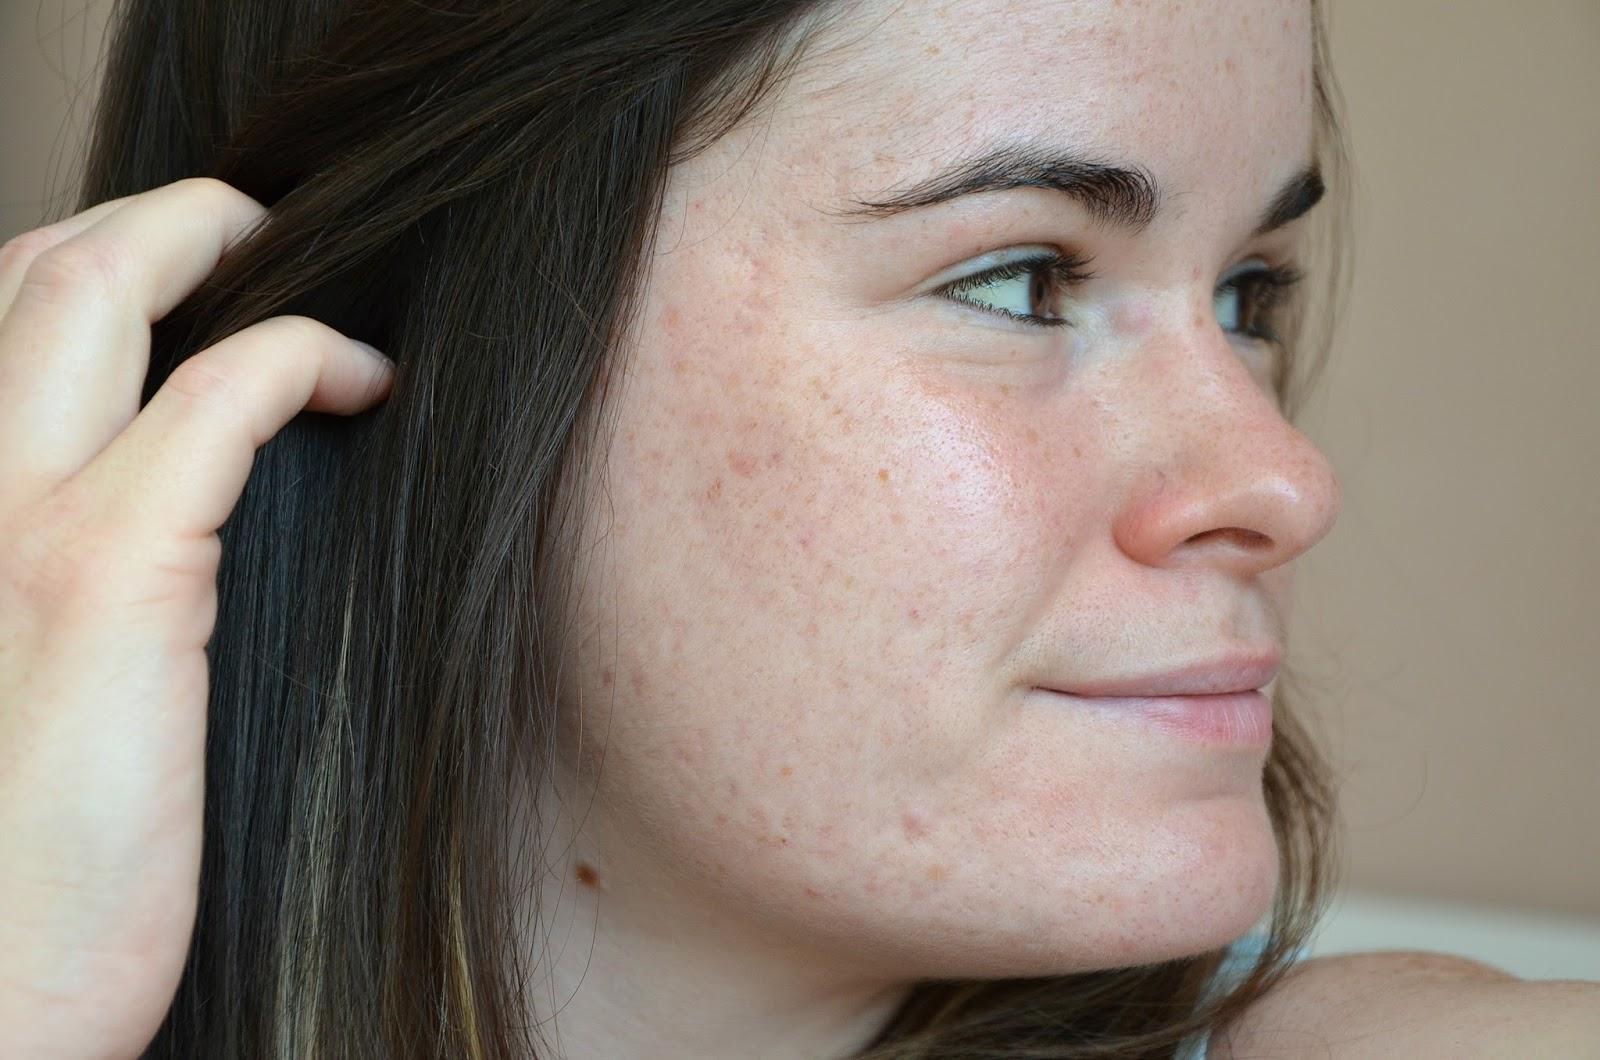 bilan du cinquième mois de traitement contre l'acné joue droite